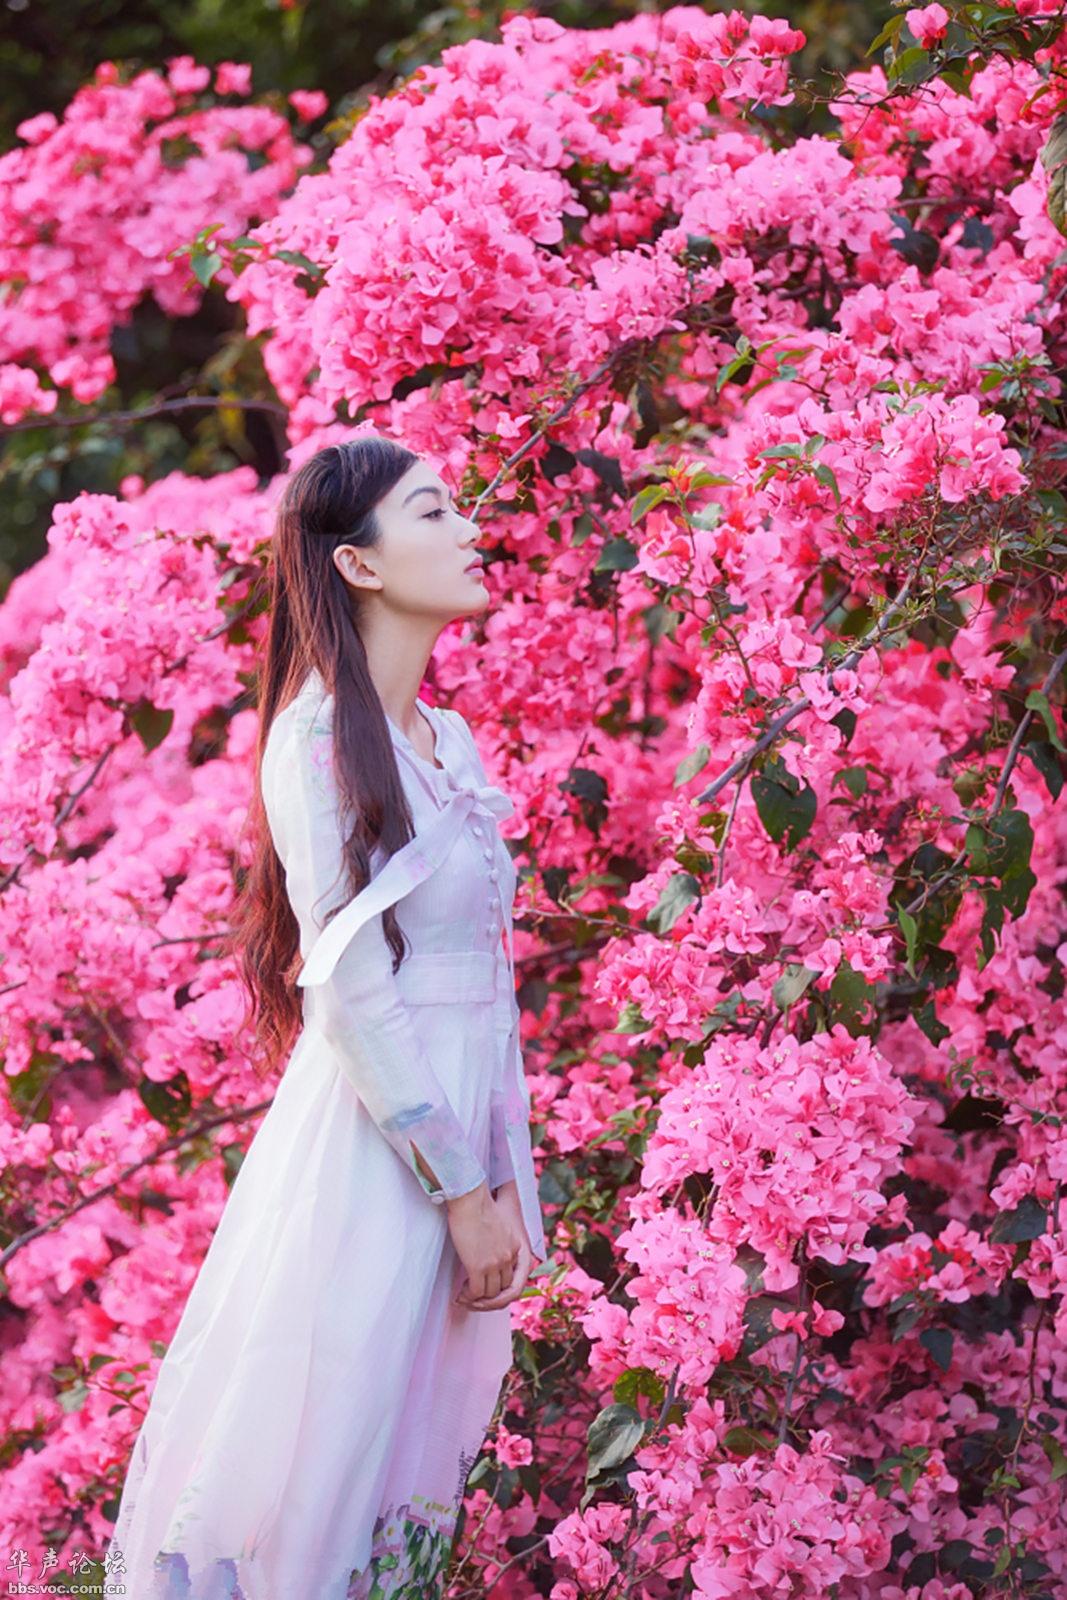 花开灿烂 - 花開有聲 - 花開有聲